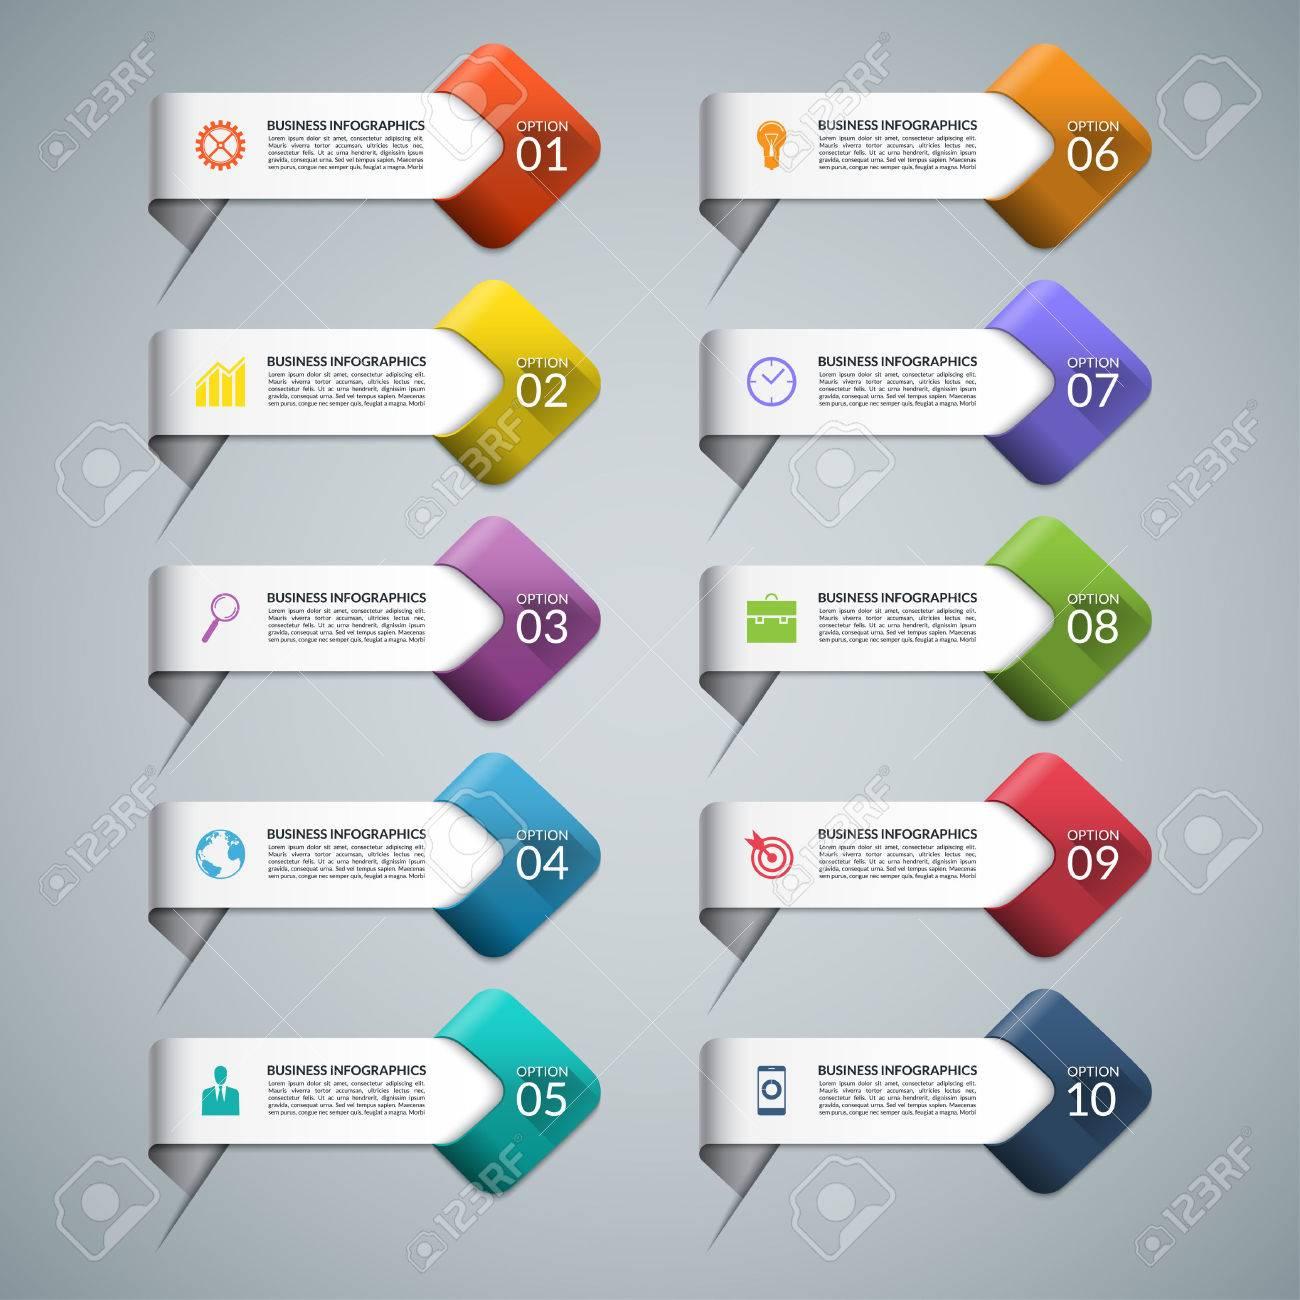 Conjunto De Flechas Infográficas Con Iconos De Marketing Empresarial ...